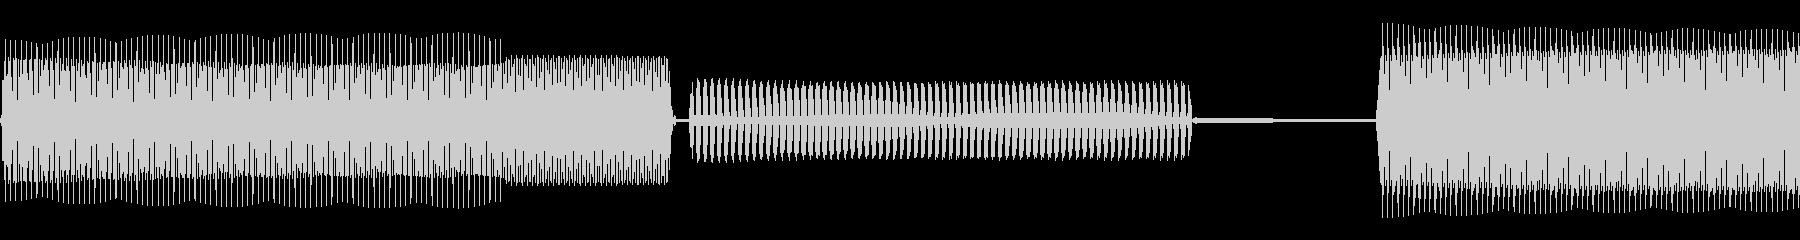 スマホの録音、録画音を意識しました。の未再生の波形